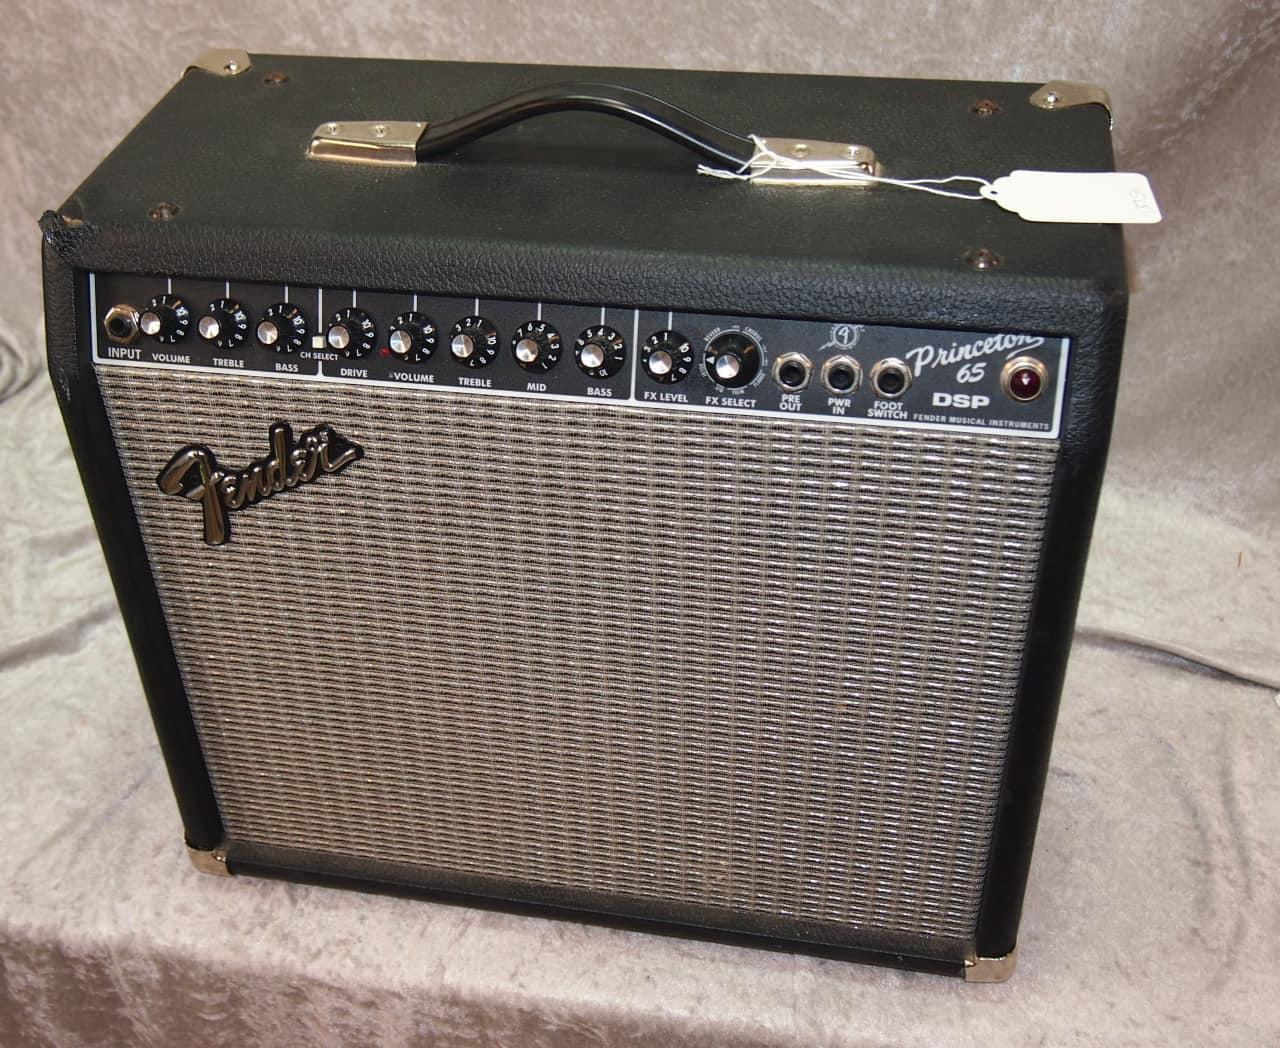 fender princeton 65 dsp electric guitar combo amp reverb. Black Bedroom Furniture Sets. Home Design Ideas